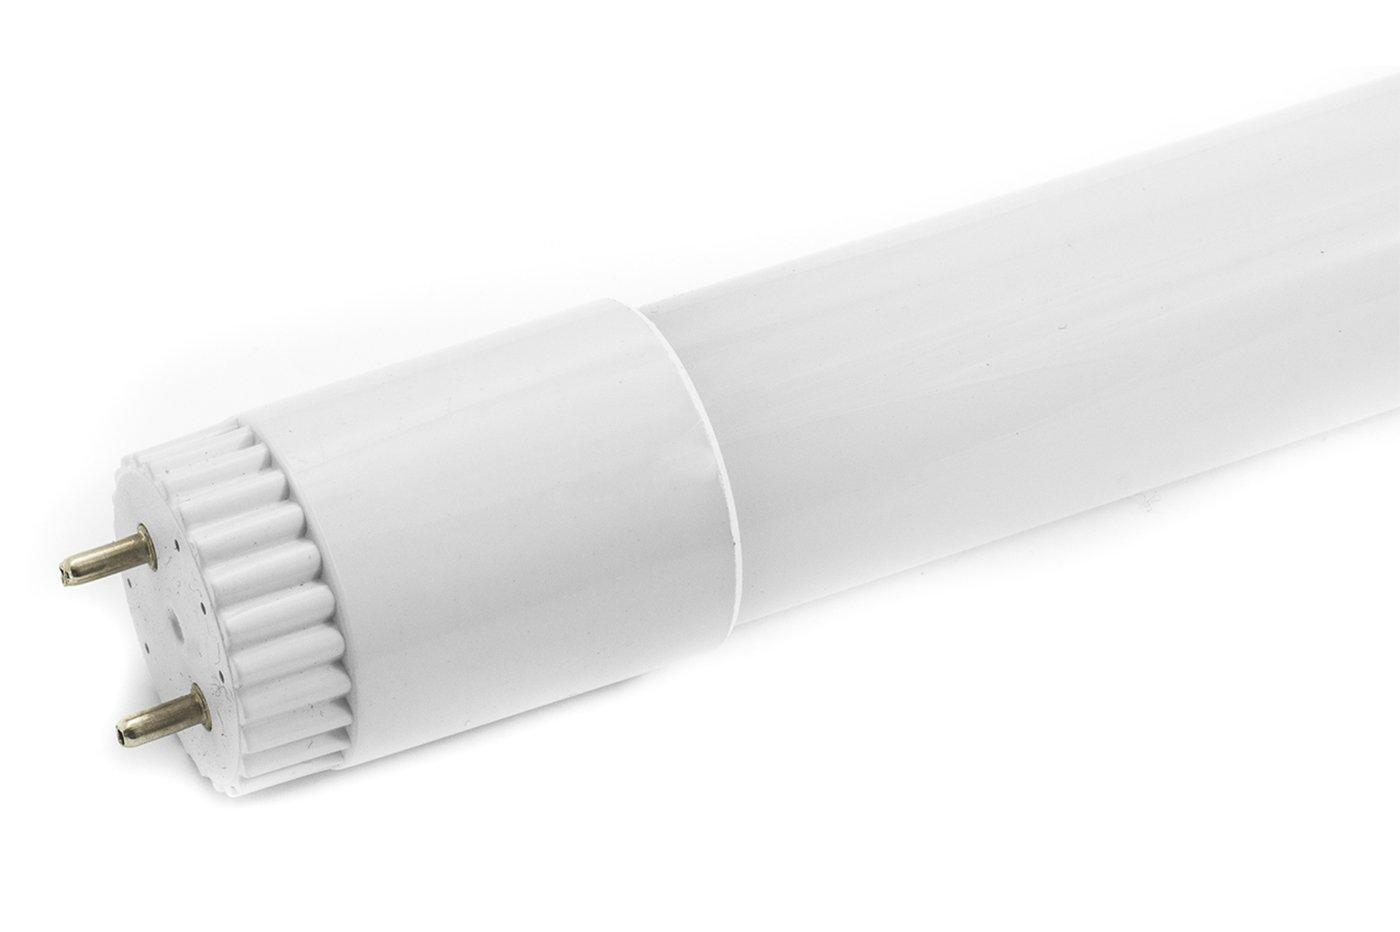 Plafoniera Con Reattore Elettronico : Neon tubo led w cm luce naturale vetro t smd plafoniera